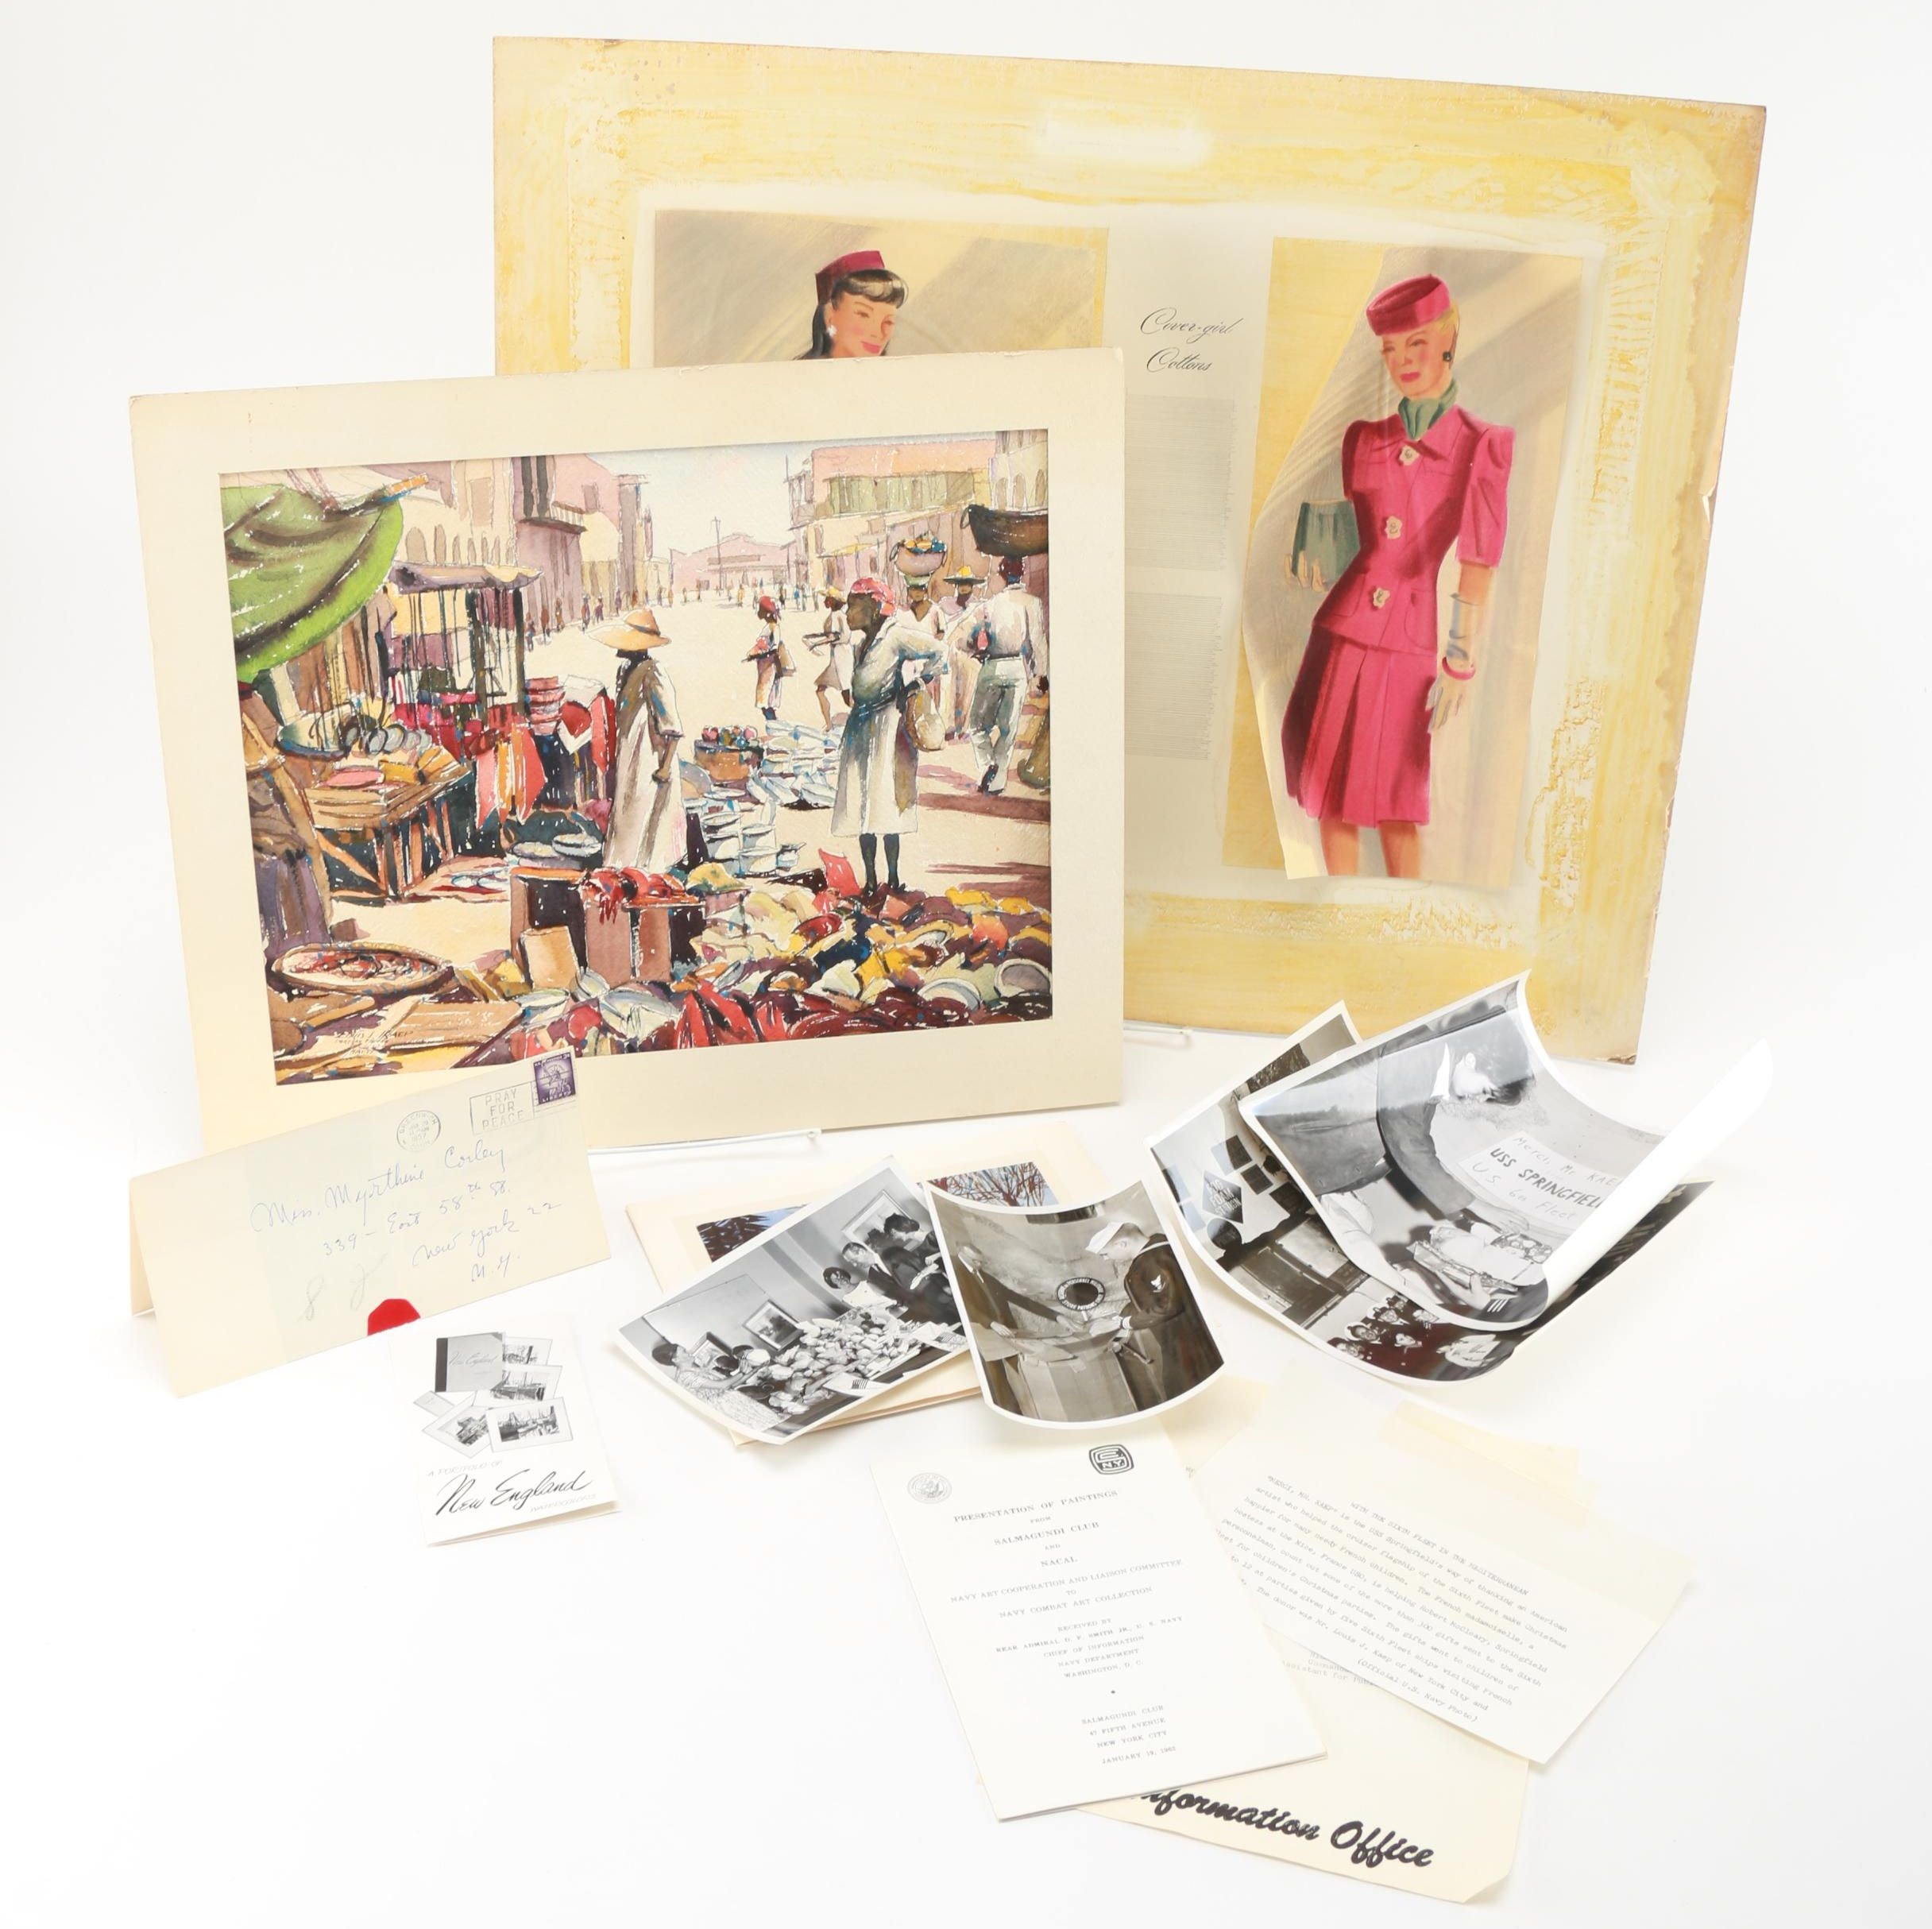 Louis Kaep Watercolors and Memorabilia with Cover-Girl Mock Up